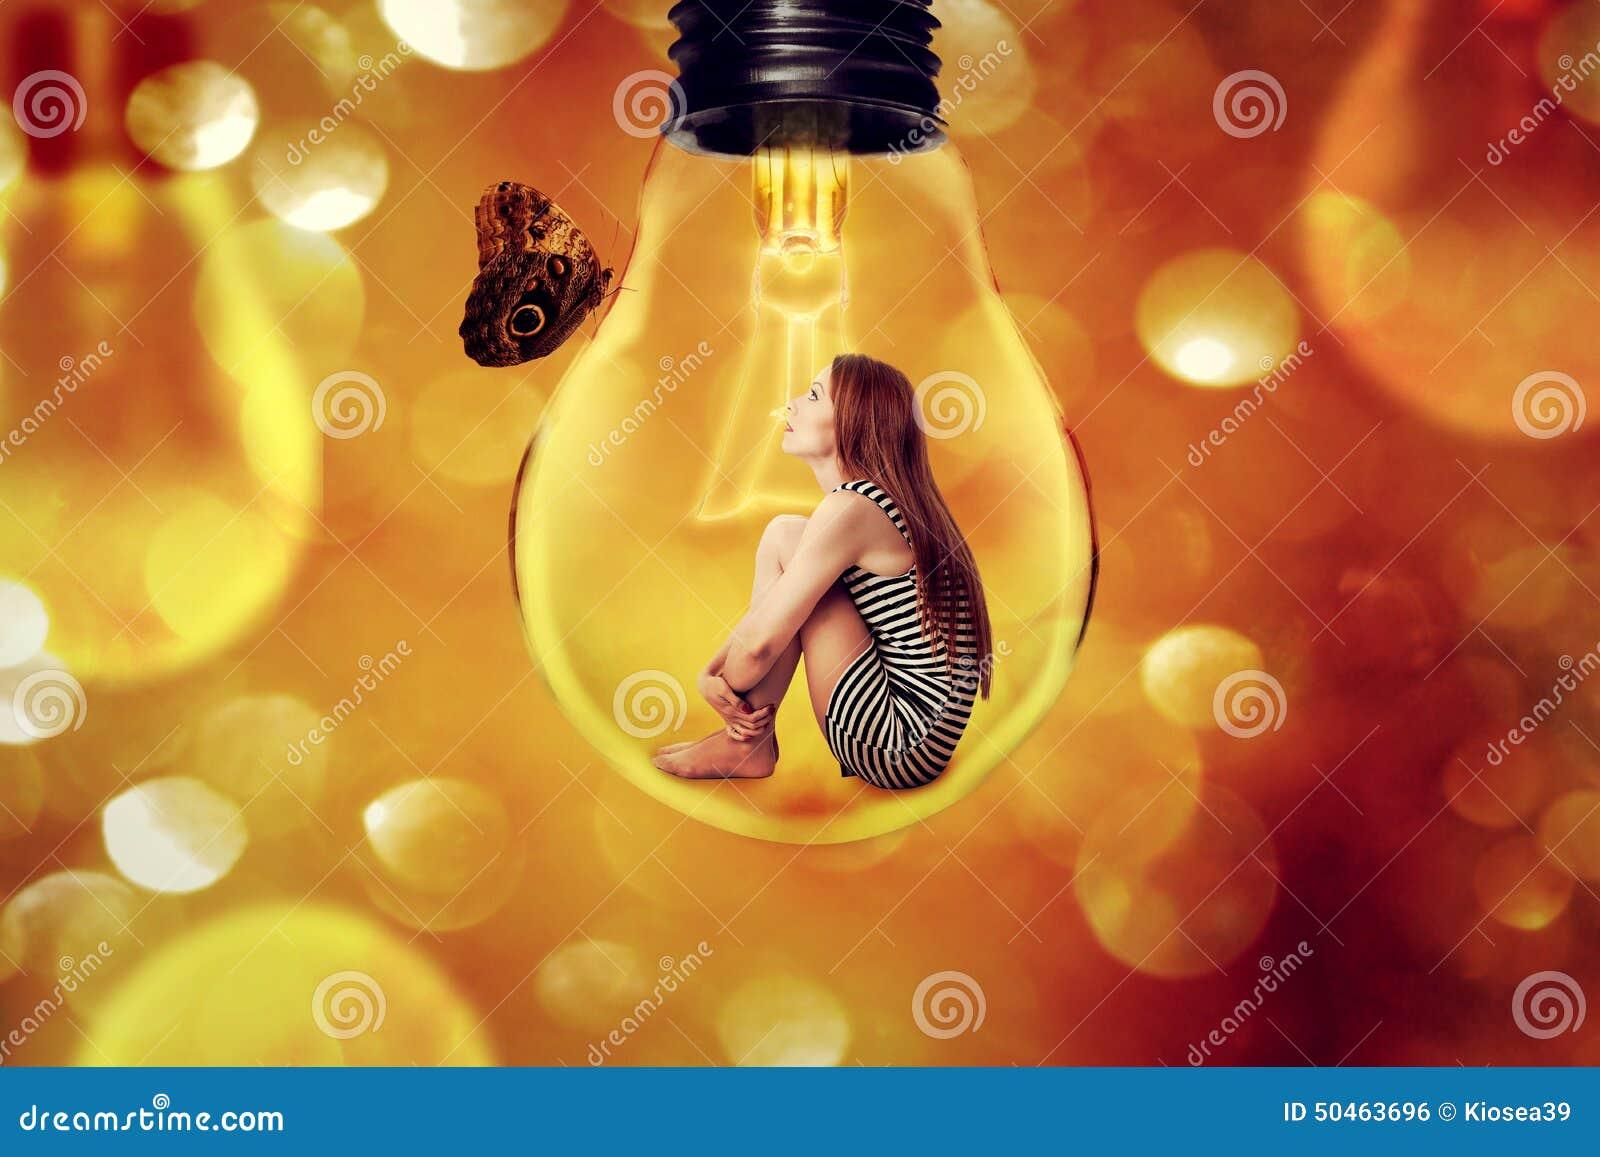 Μόνη συνεδρίαση γυναικών μέσα στη λάμπα φωτός που εξετάζει την πεταλούδα